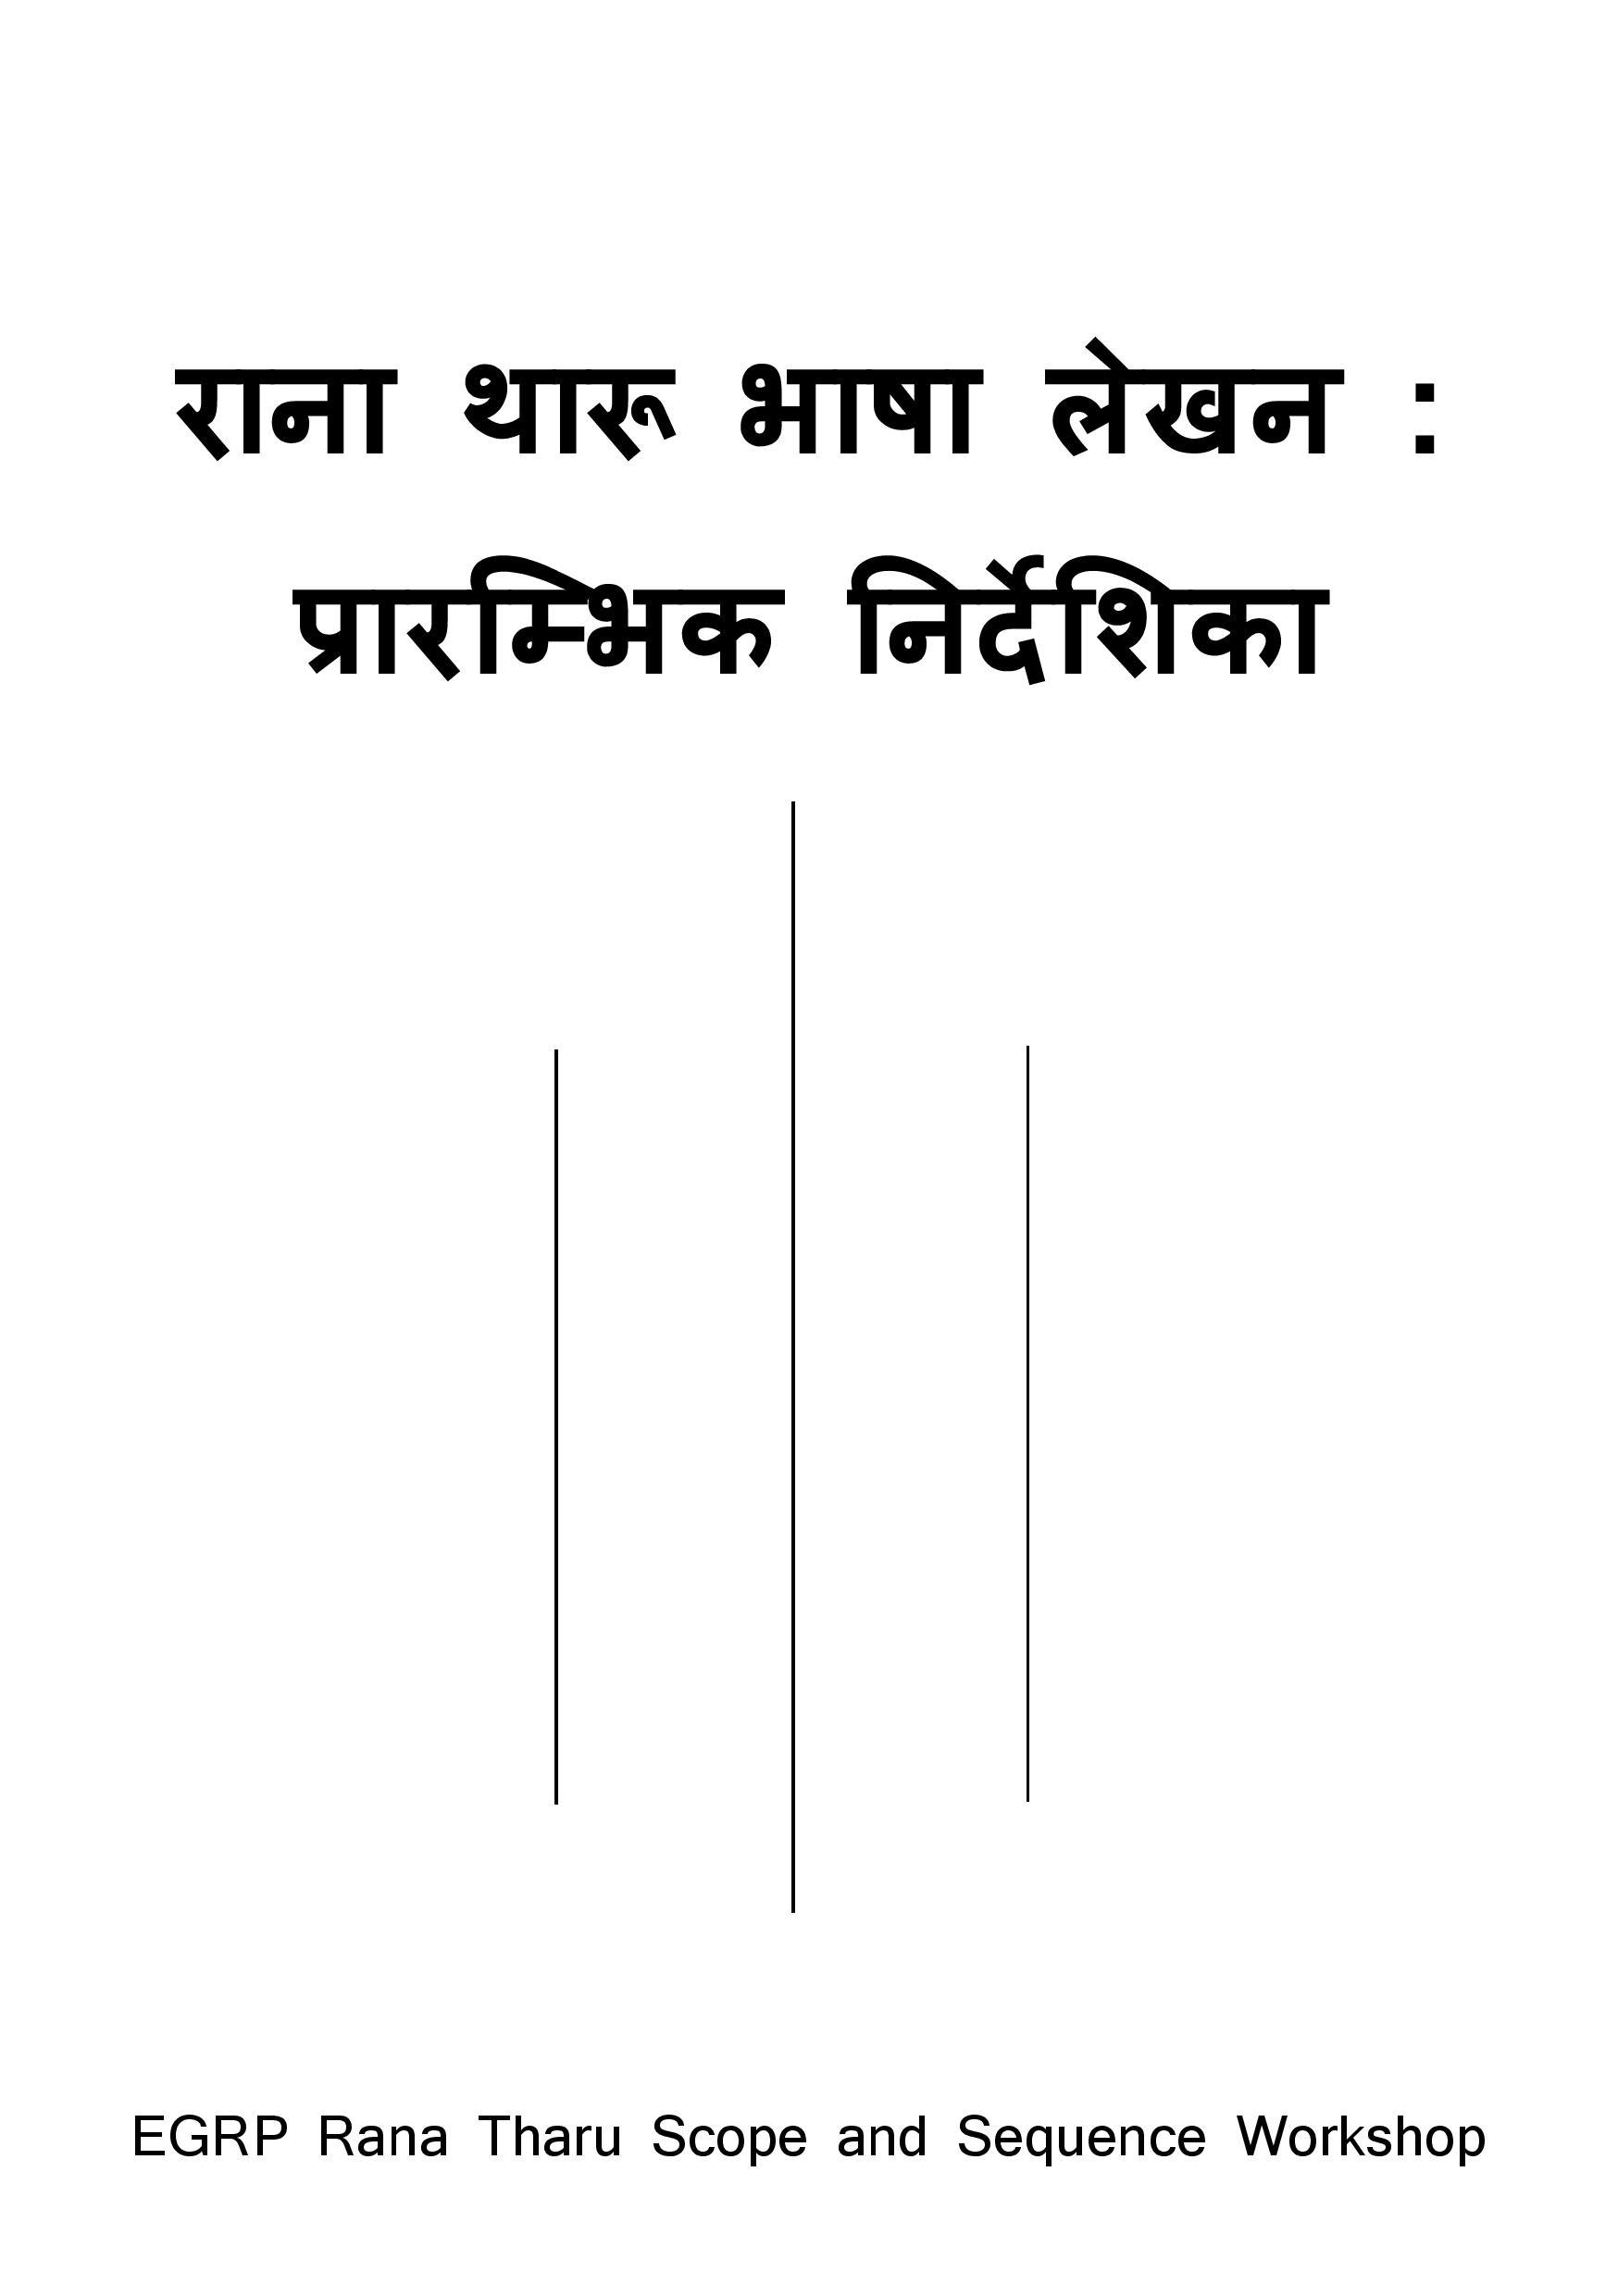 रानाथारू भाषा लेखनः प्रारम्भिक निदेंशिक